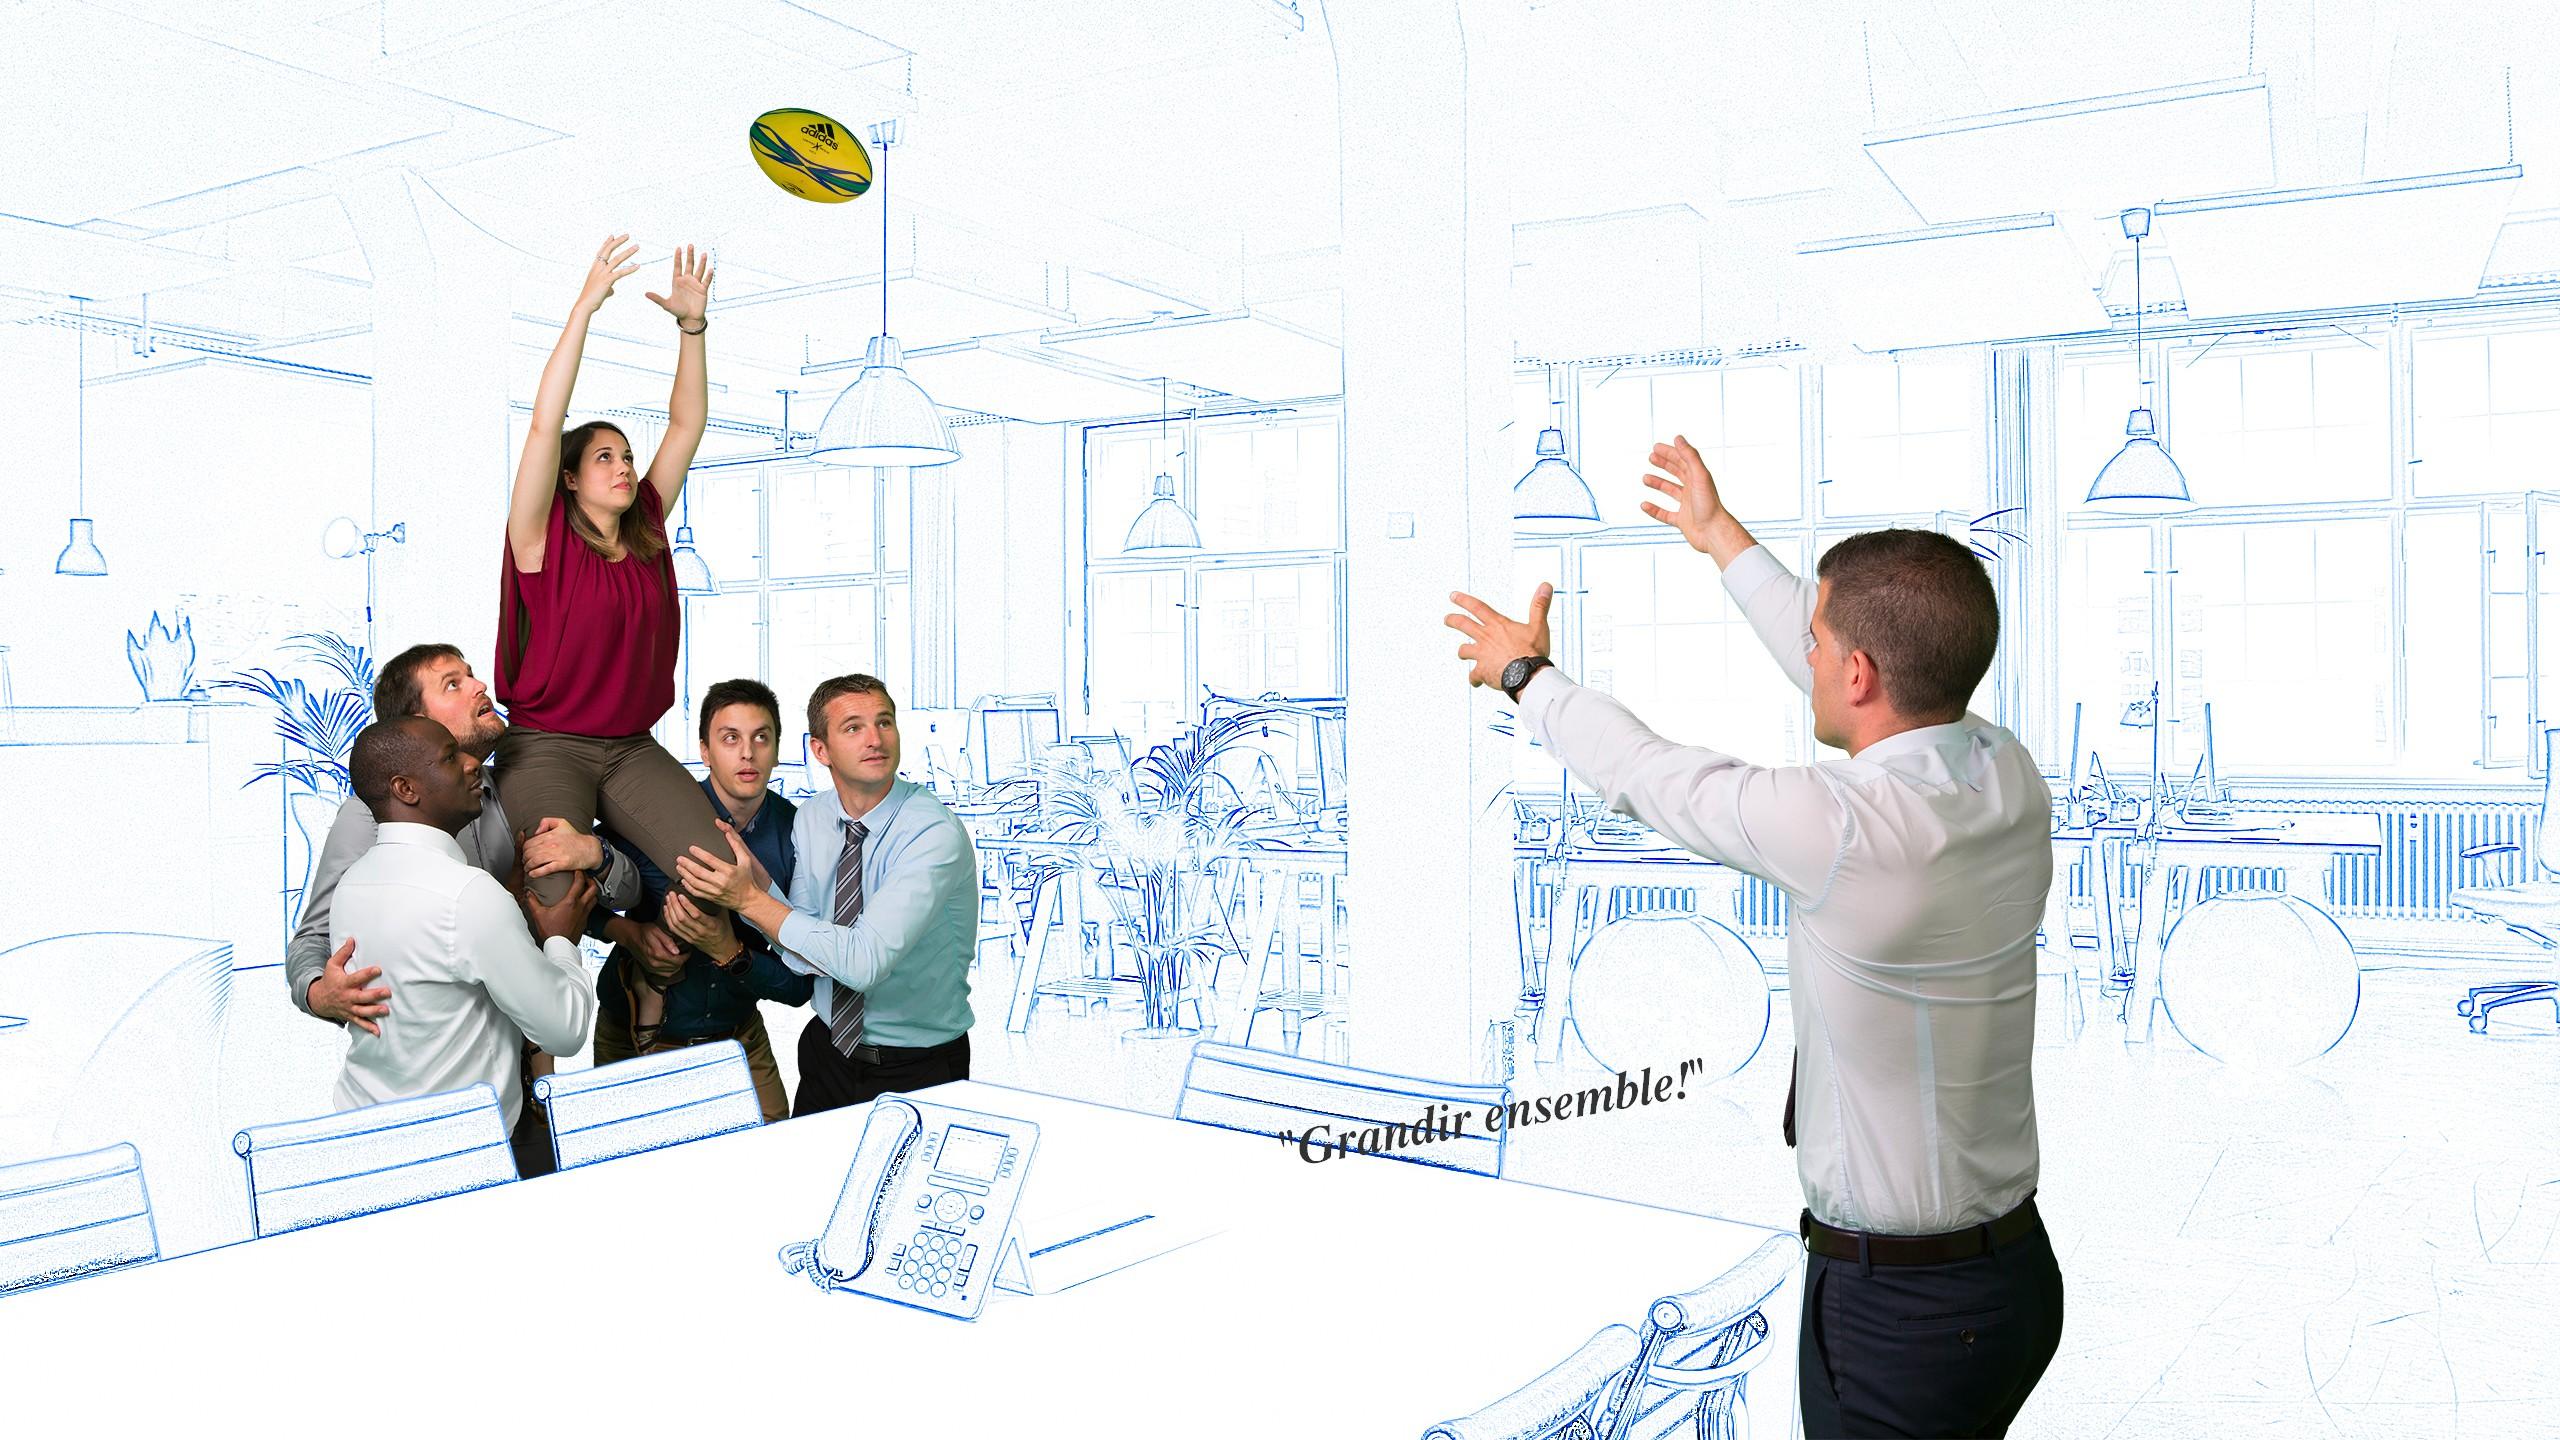 La politiqur RH de IM projet vous fait grandir comme vos équipier vous élèvent pour une touche au rugby